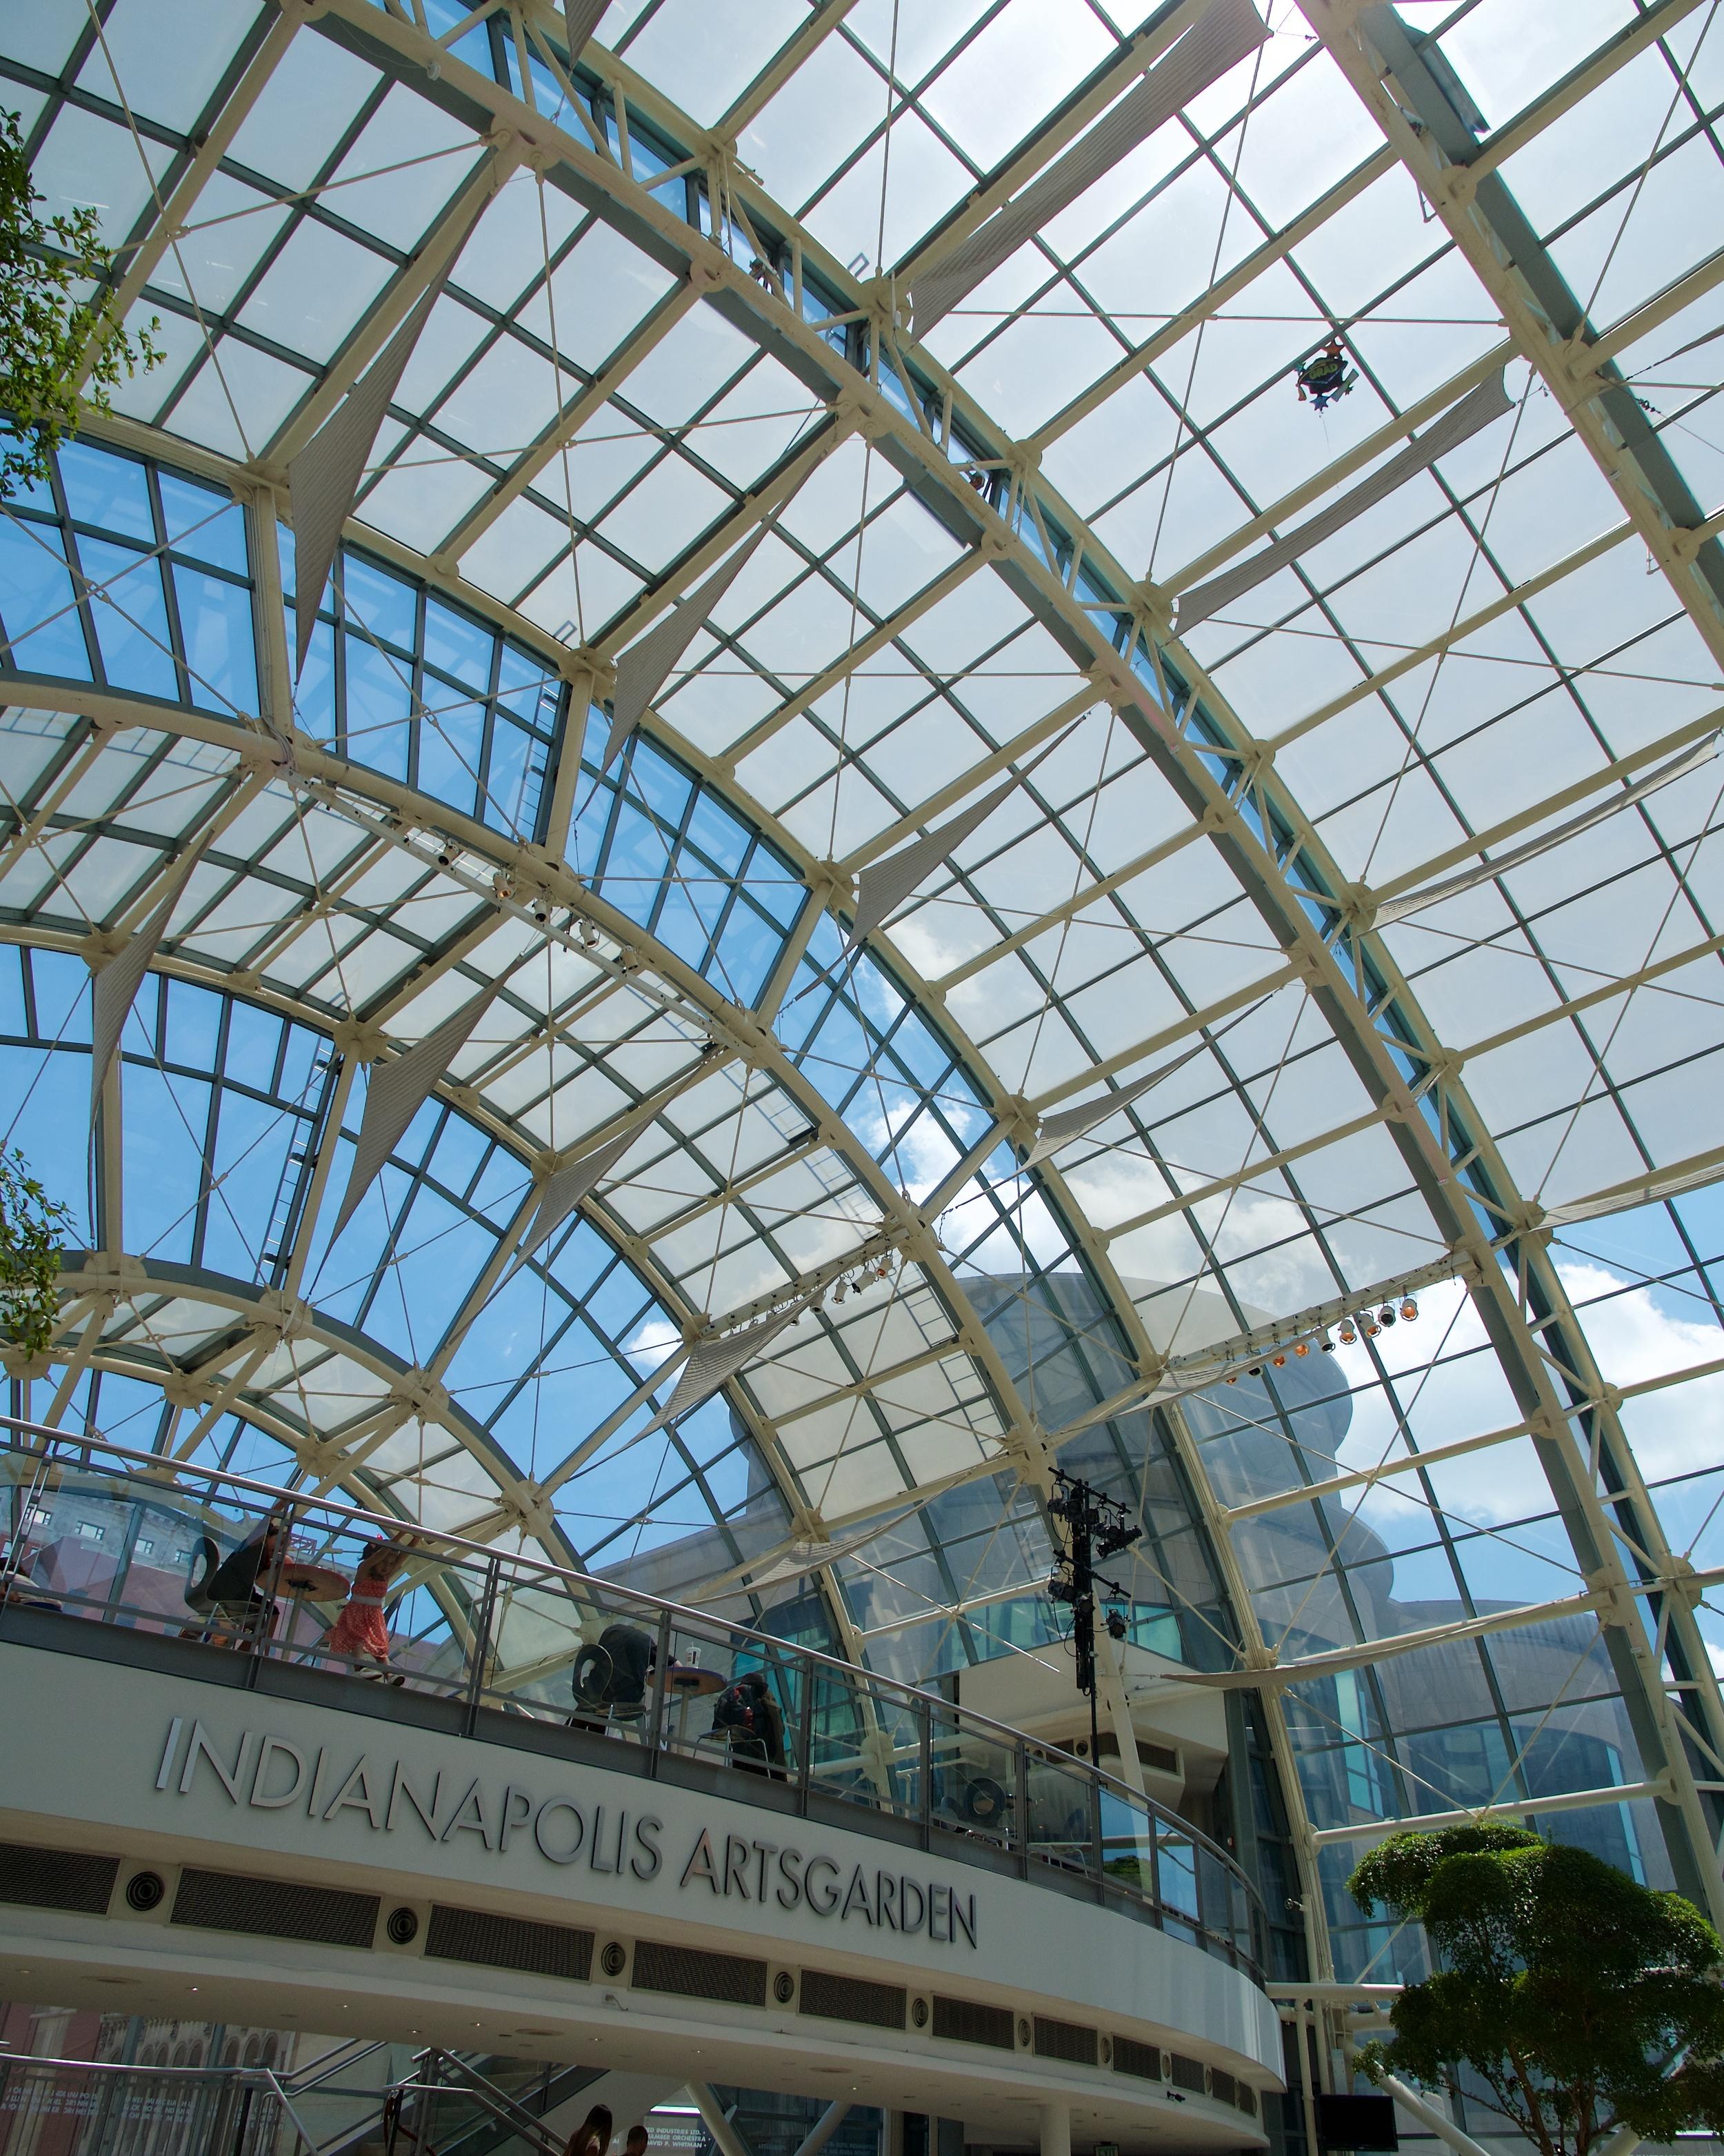 Indianapolis Artsgarden